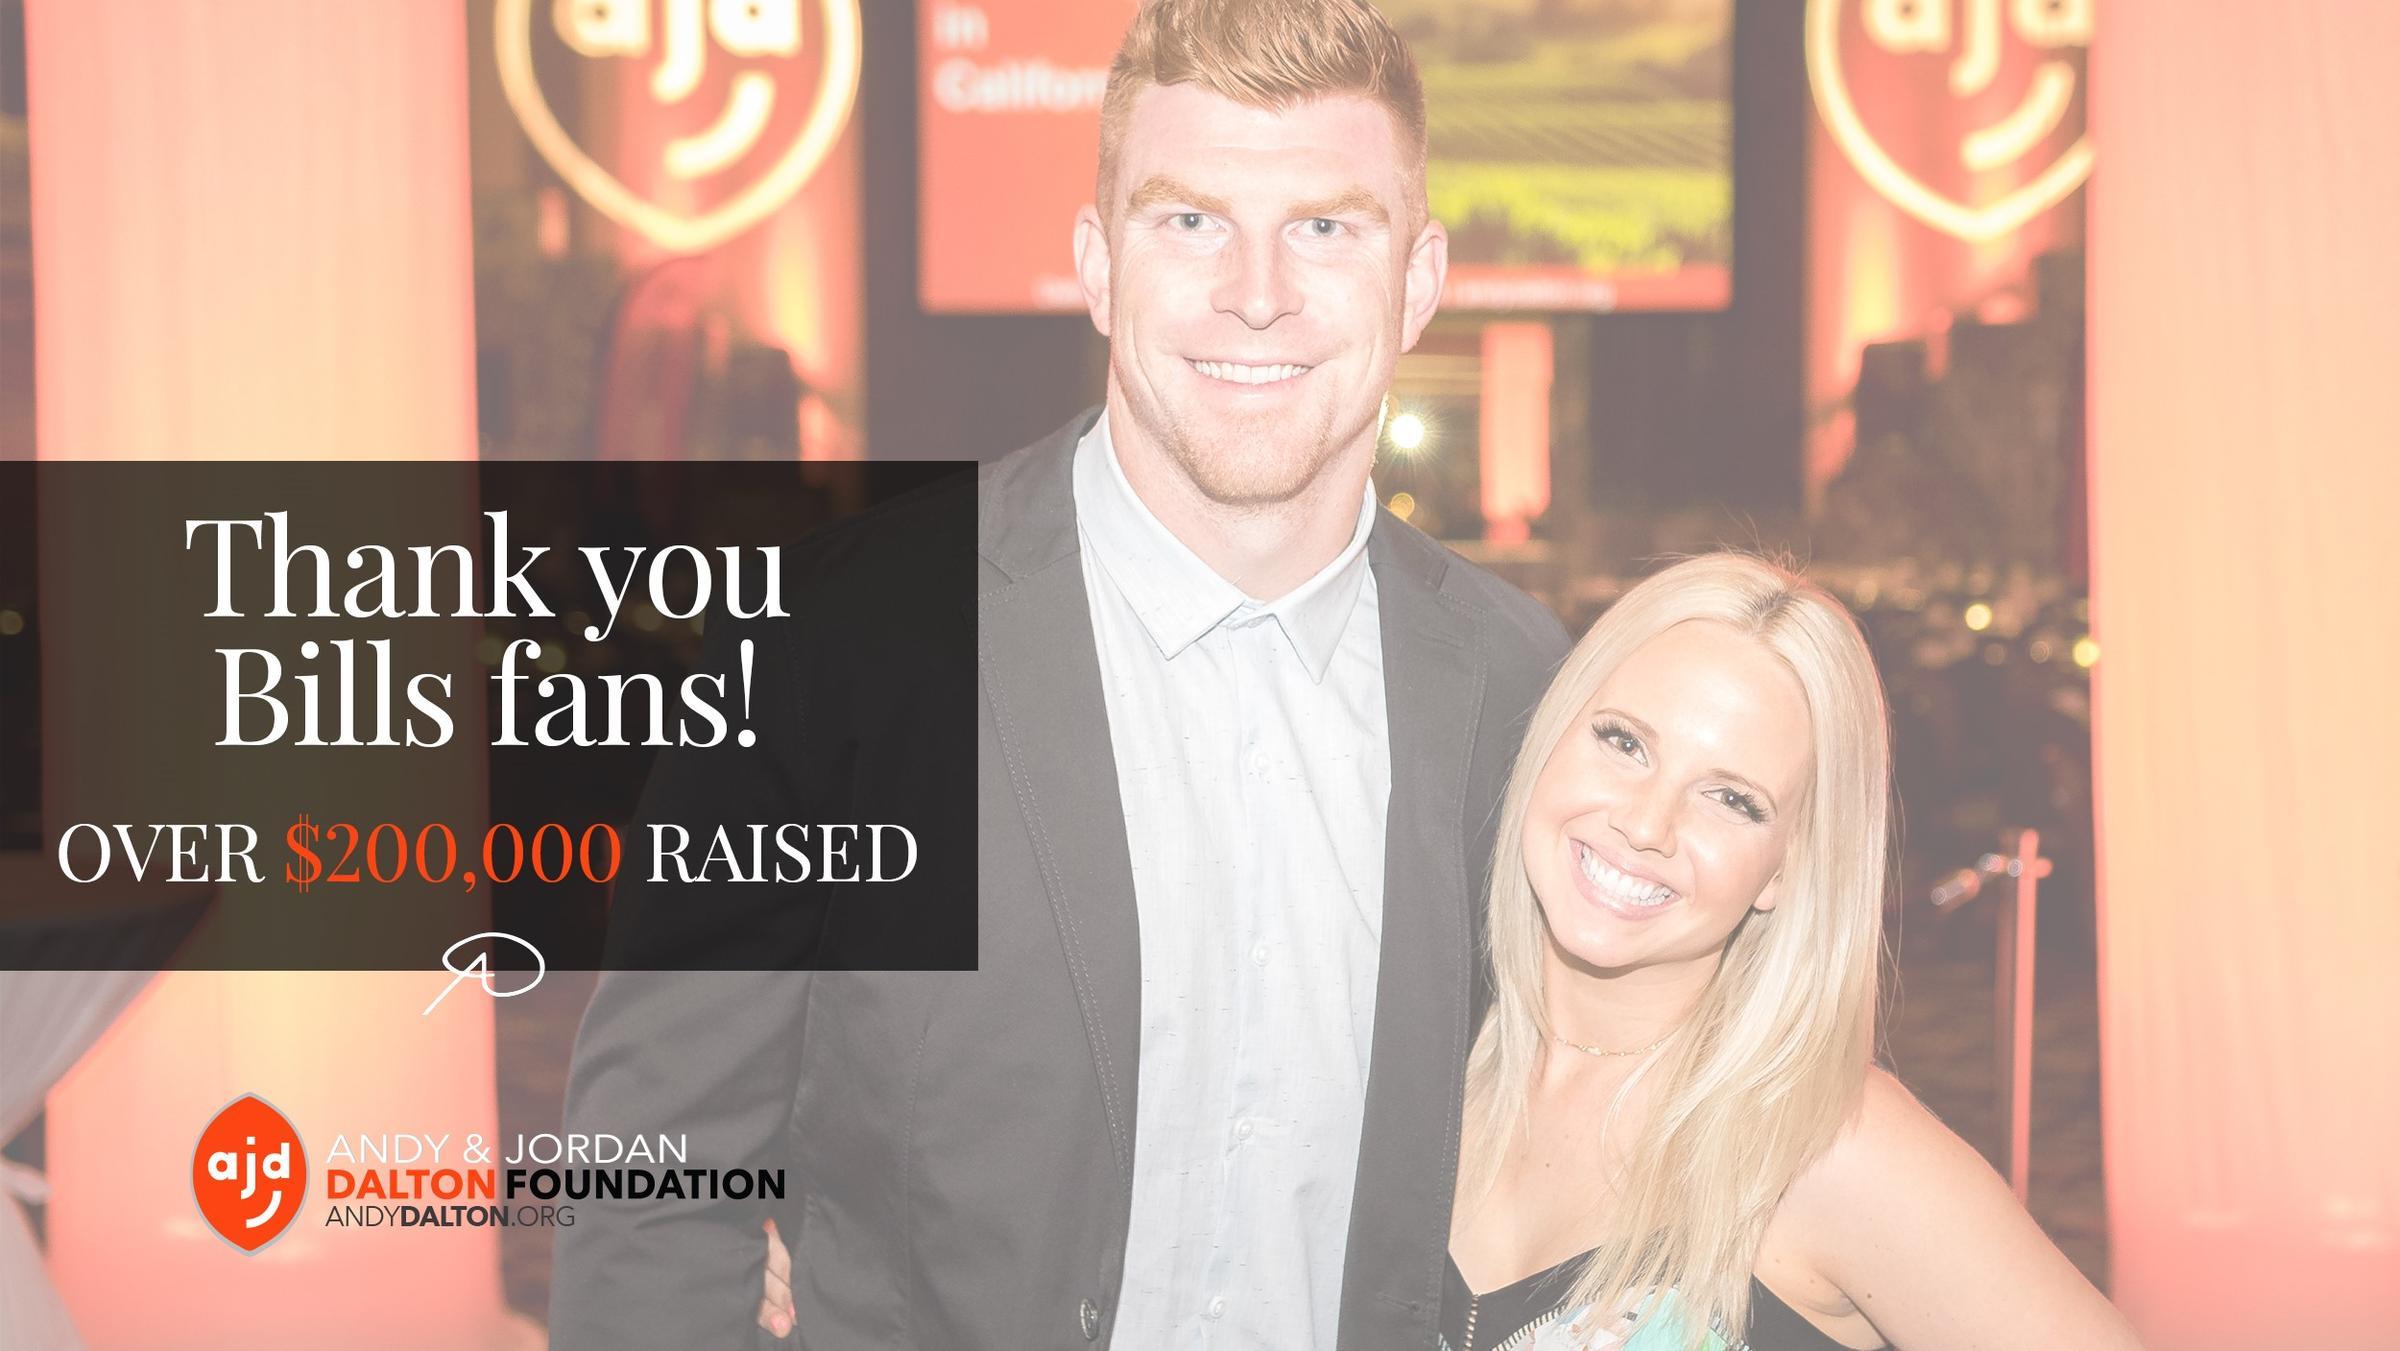 cd1269550 Daltons thank generous Bills fans in area billboards | WBFO